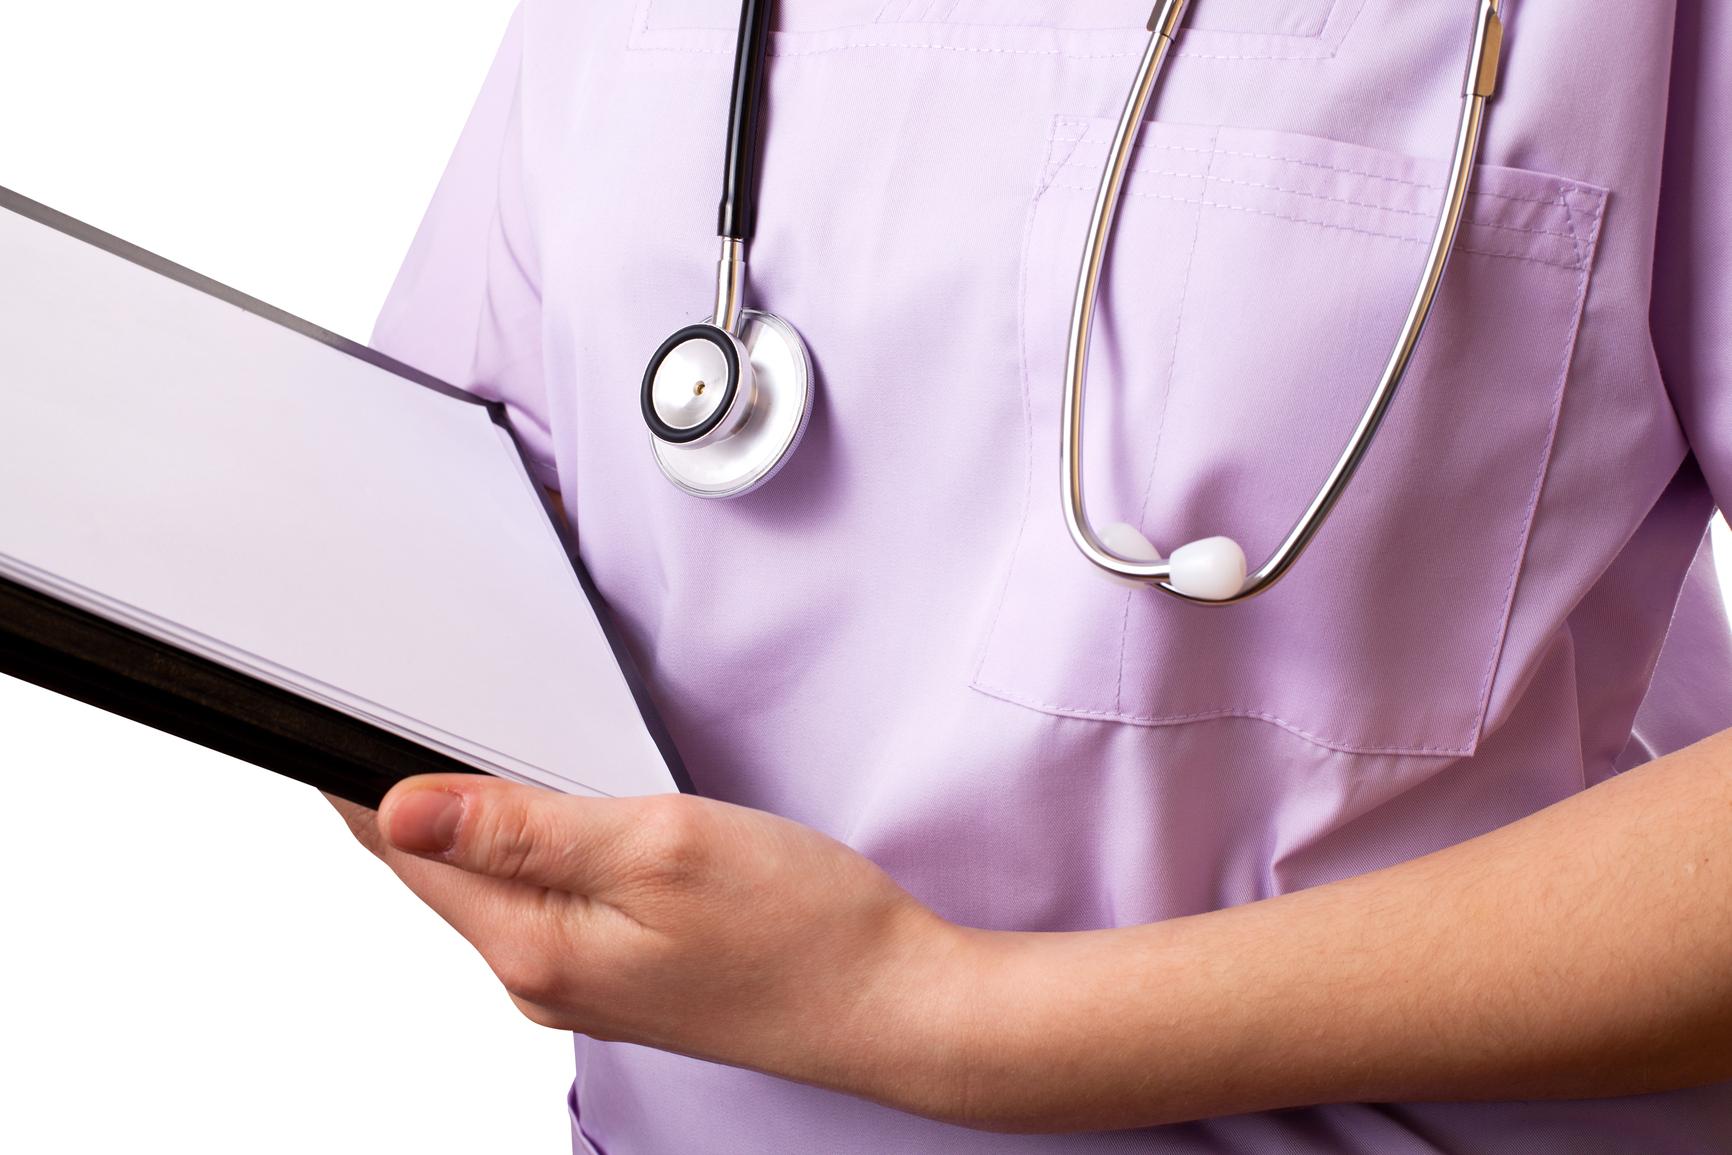 Un nouveau rapport propose de geler le salaire des médecins au Québec